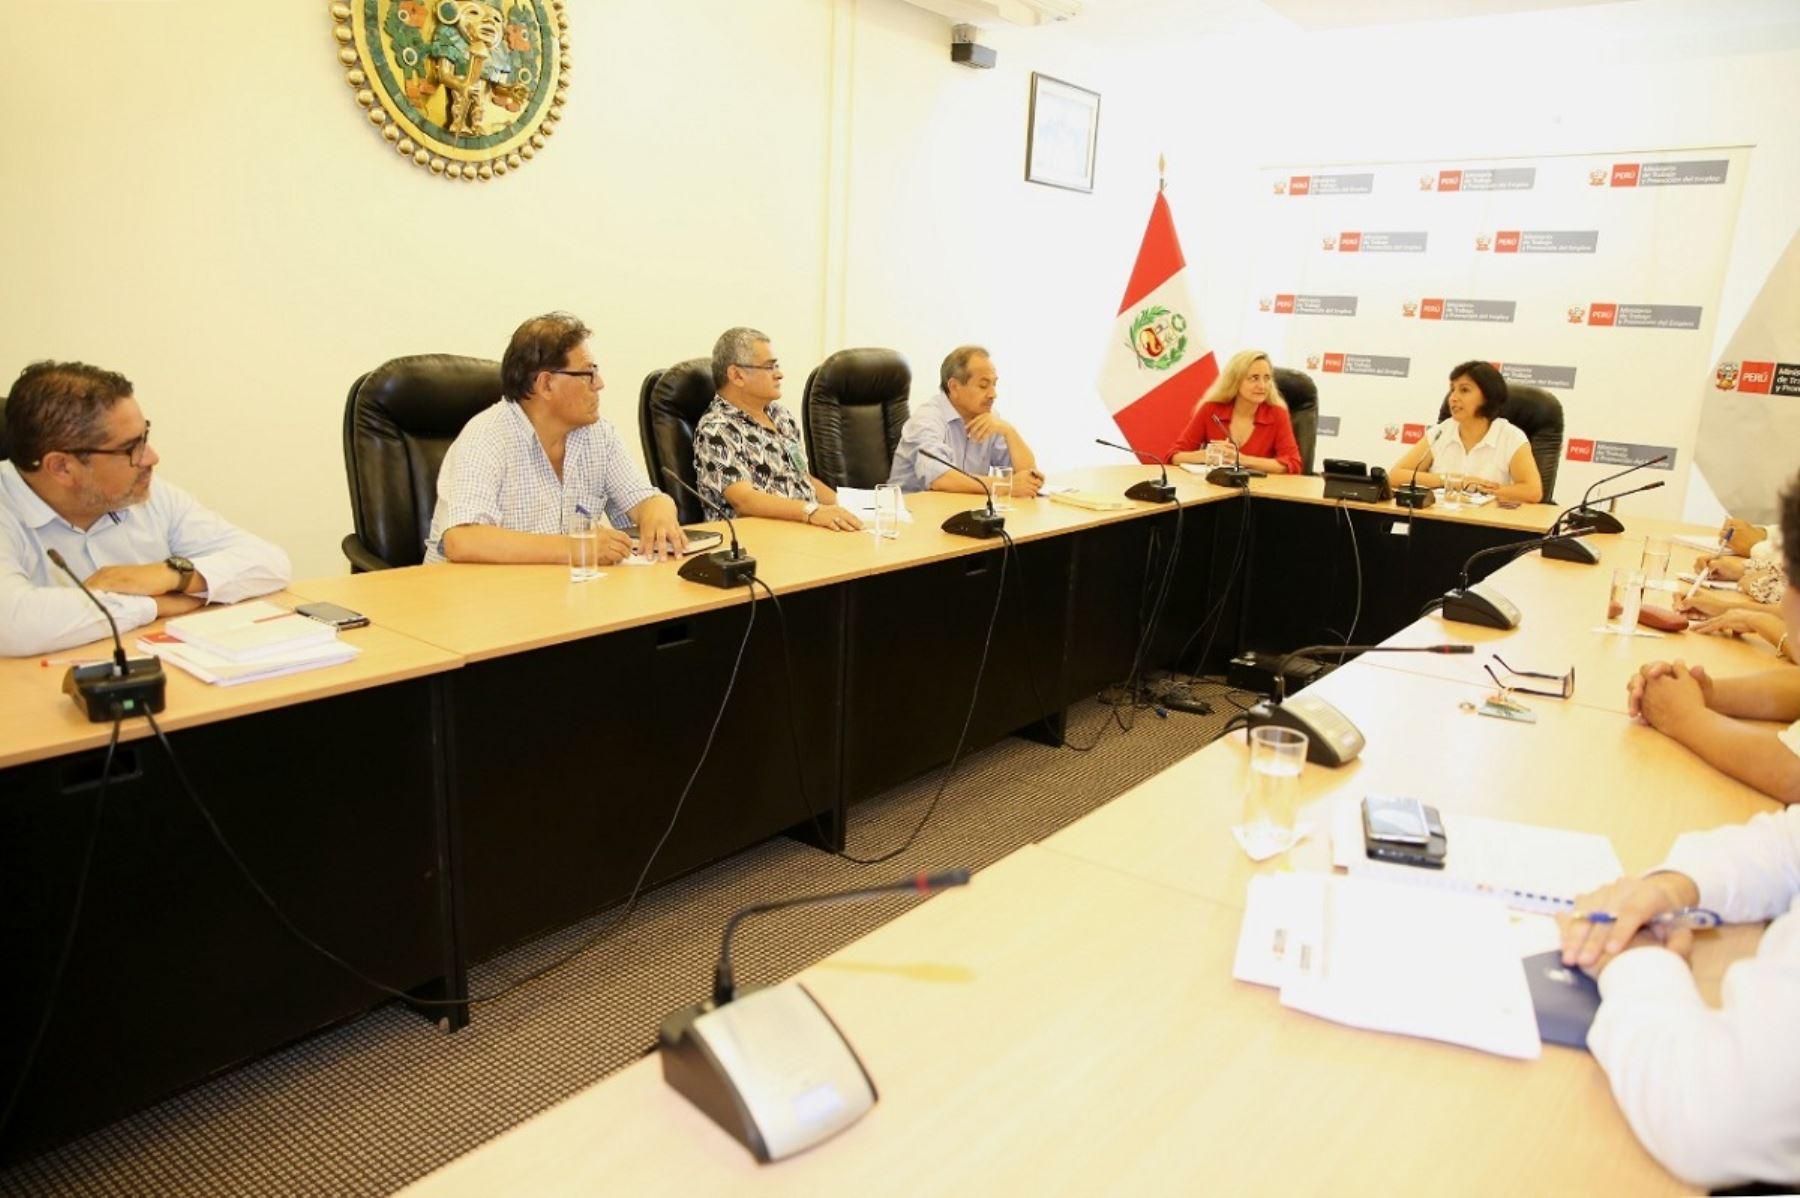 Primera reunión de la ministra de Trabajo, Sylvia Cáceres con dirigentes de la CUT. Foto: Cortesía.